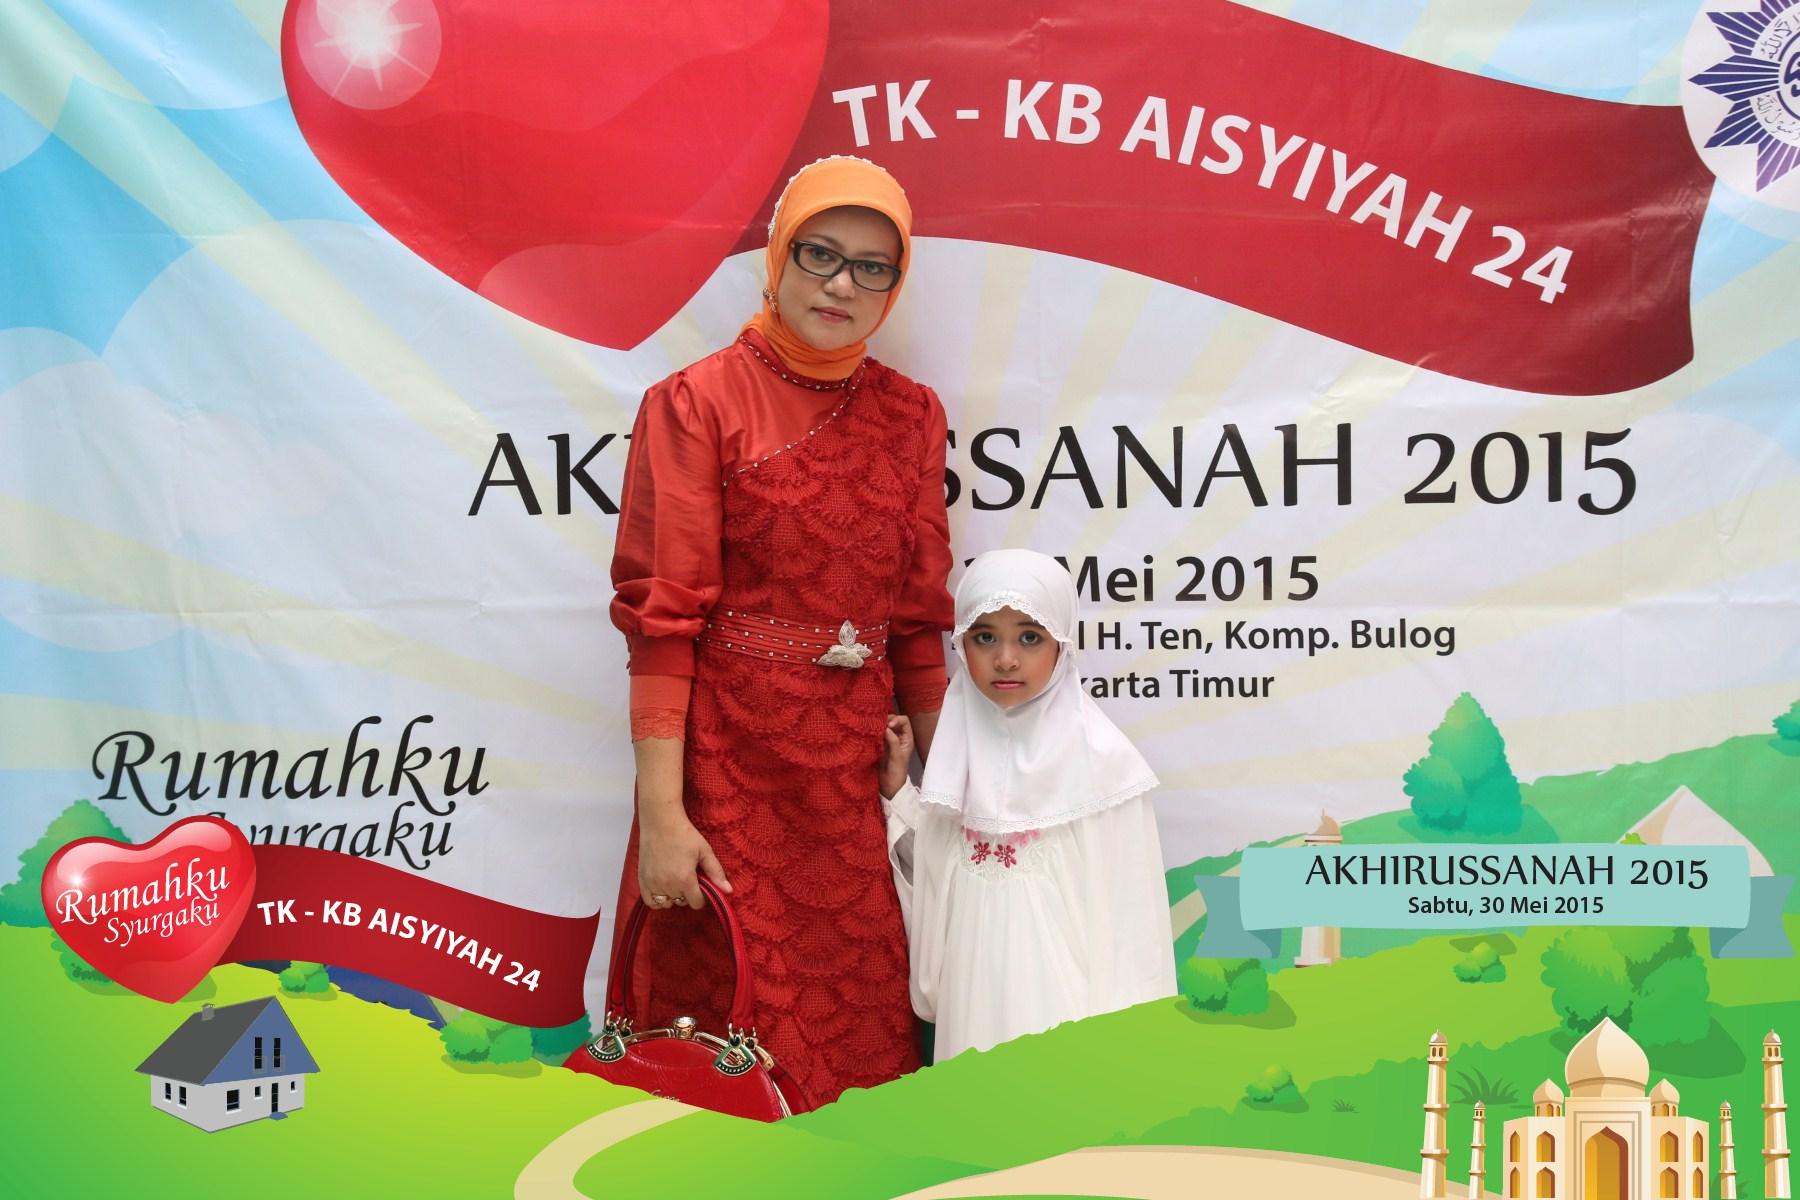 Perpisahan TK-KB AISYIYAH 24 (4)